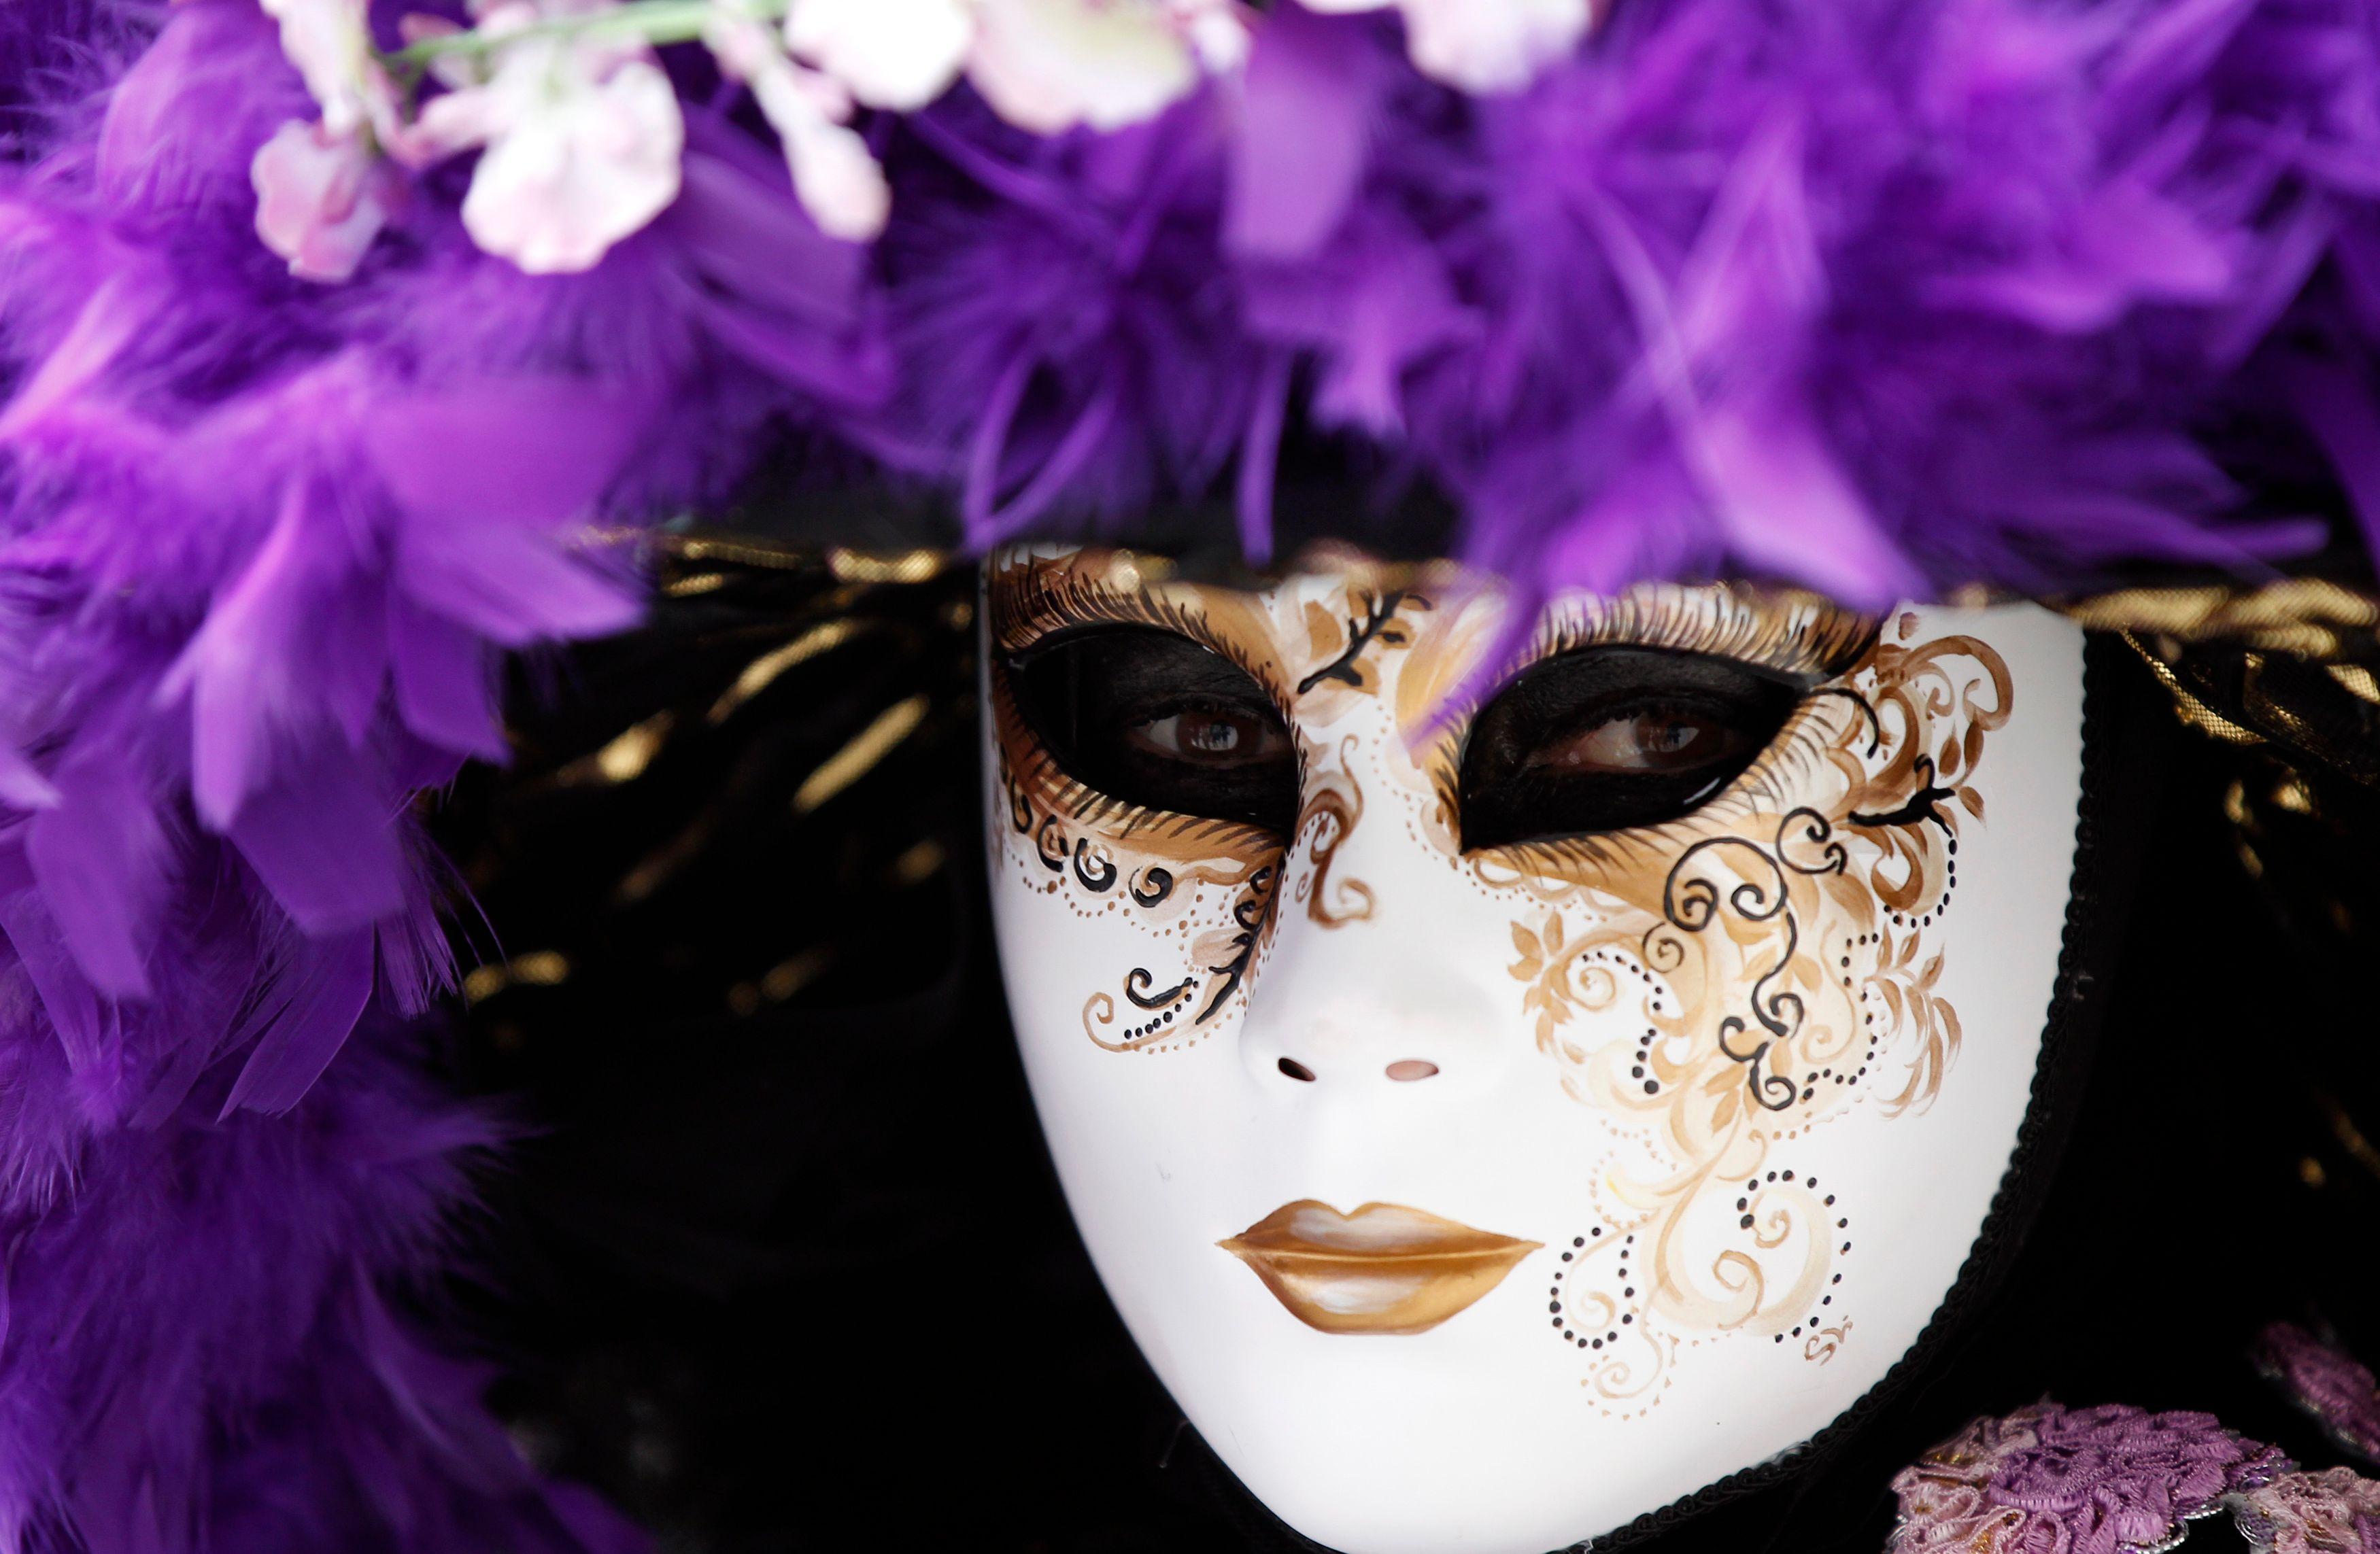 Photo d'illustration / Masque du carnaval de la ville de Venise.